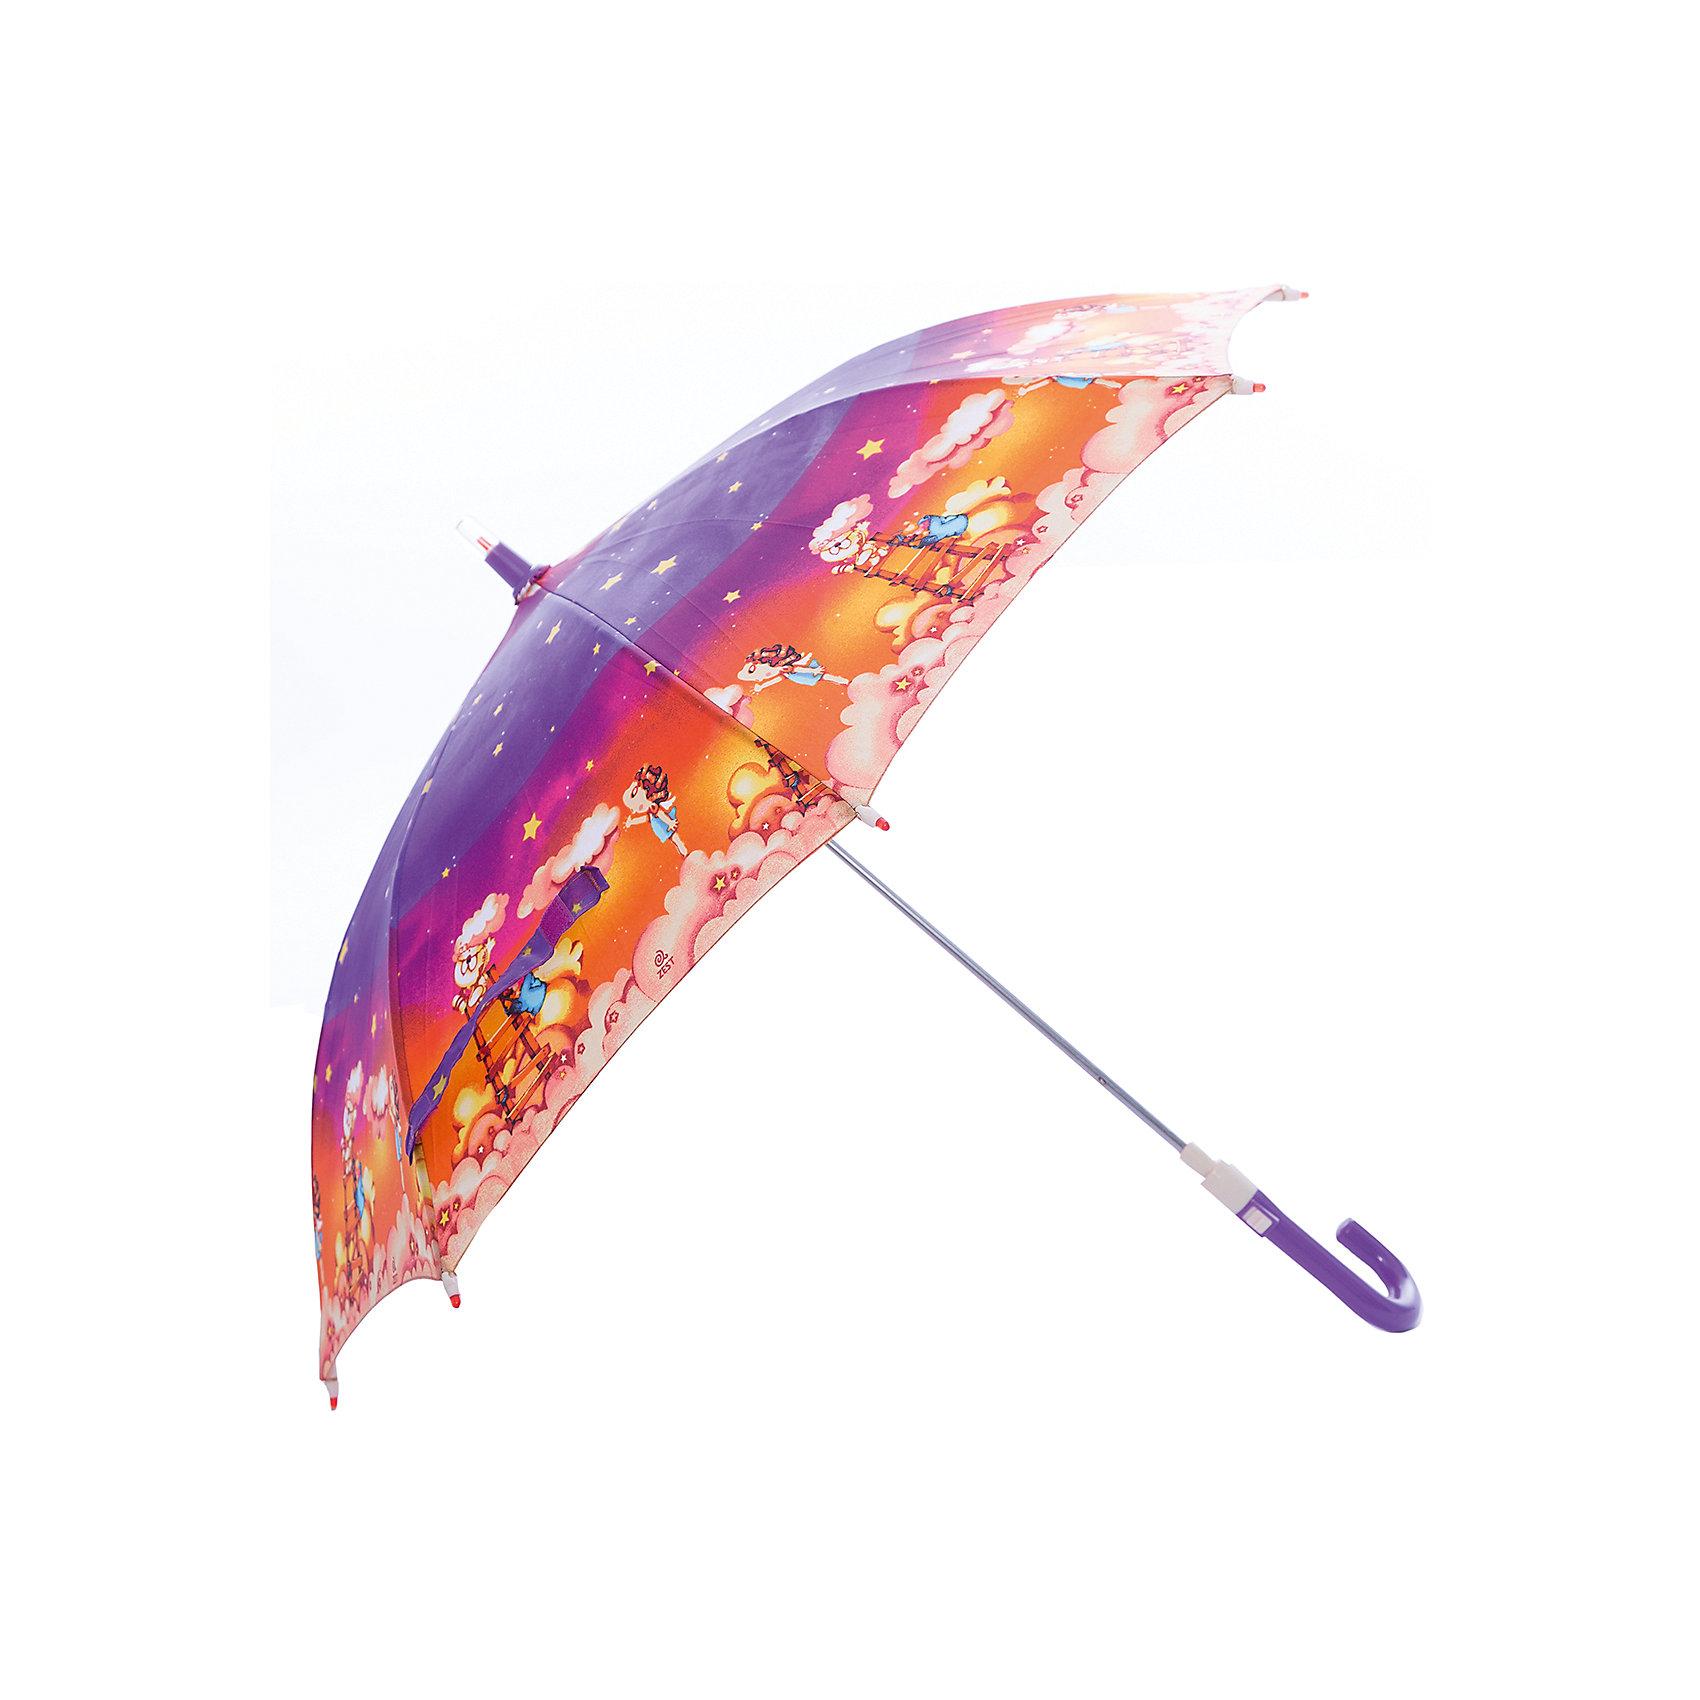 Зонт-трость, детский, рисунок Звездное небо, без светодиодовЗонты детские<br>Красочный детский зонтик Zest трость, механика, 8 спиц, купол 72 см, материал купола полиэстер, ручка зонта из пластика, материал каркаса - сталь. Концы спиц зонтика прикрыты специальными колпачками. ВЕТРОУСТОЙЧИВАЯ КОНСТРУКЦИЯ. Внимание! В сильный ветер не эксплуатировать! Зонт может сломаться. Гарантия 6 месяцев, срок службы 5 лет.<br><br>Ширина мм: 690<br>Глубина мм: 0<br>Высота мм: 0<br>Вес г: 280<br>Возраст от месяцев: 36<br>Возраст до месяцев: 2147483647<br>Пол: Унисекс<br>Возраст: Детский<br>SKU: 5511981